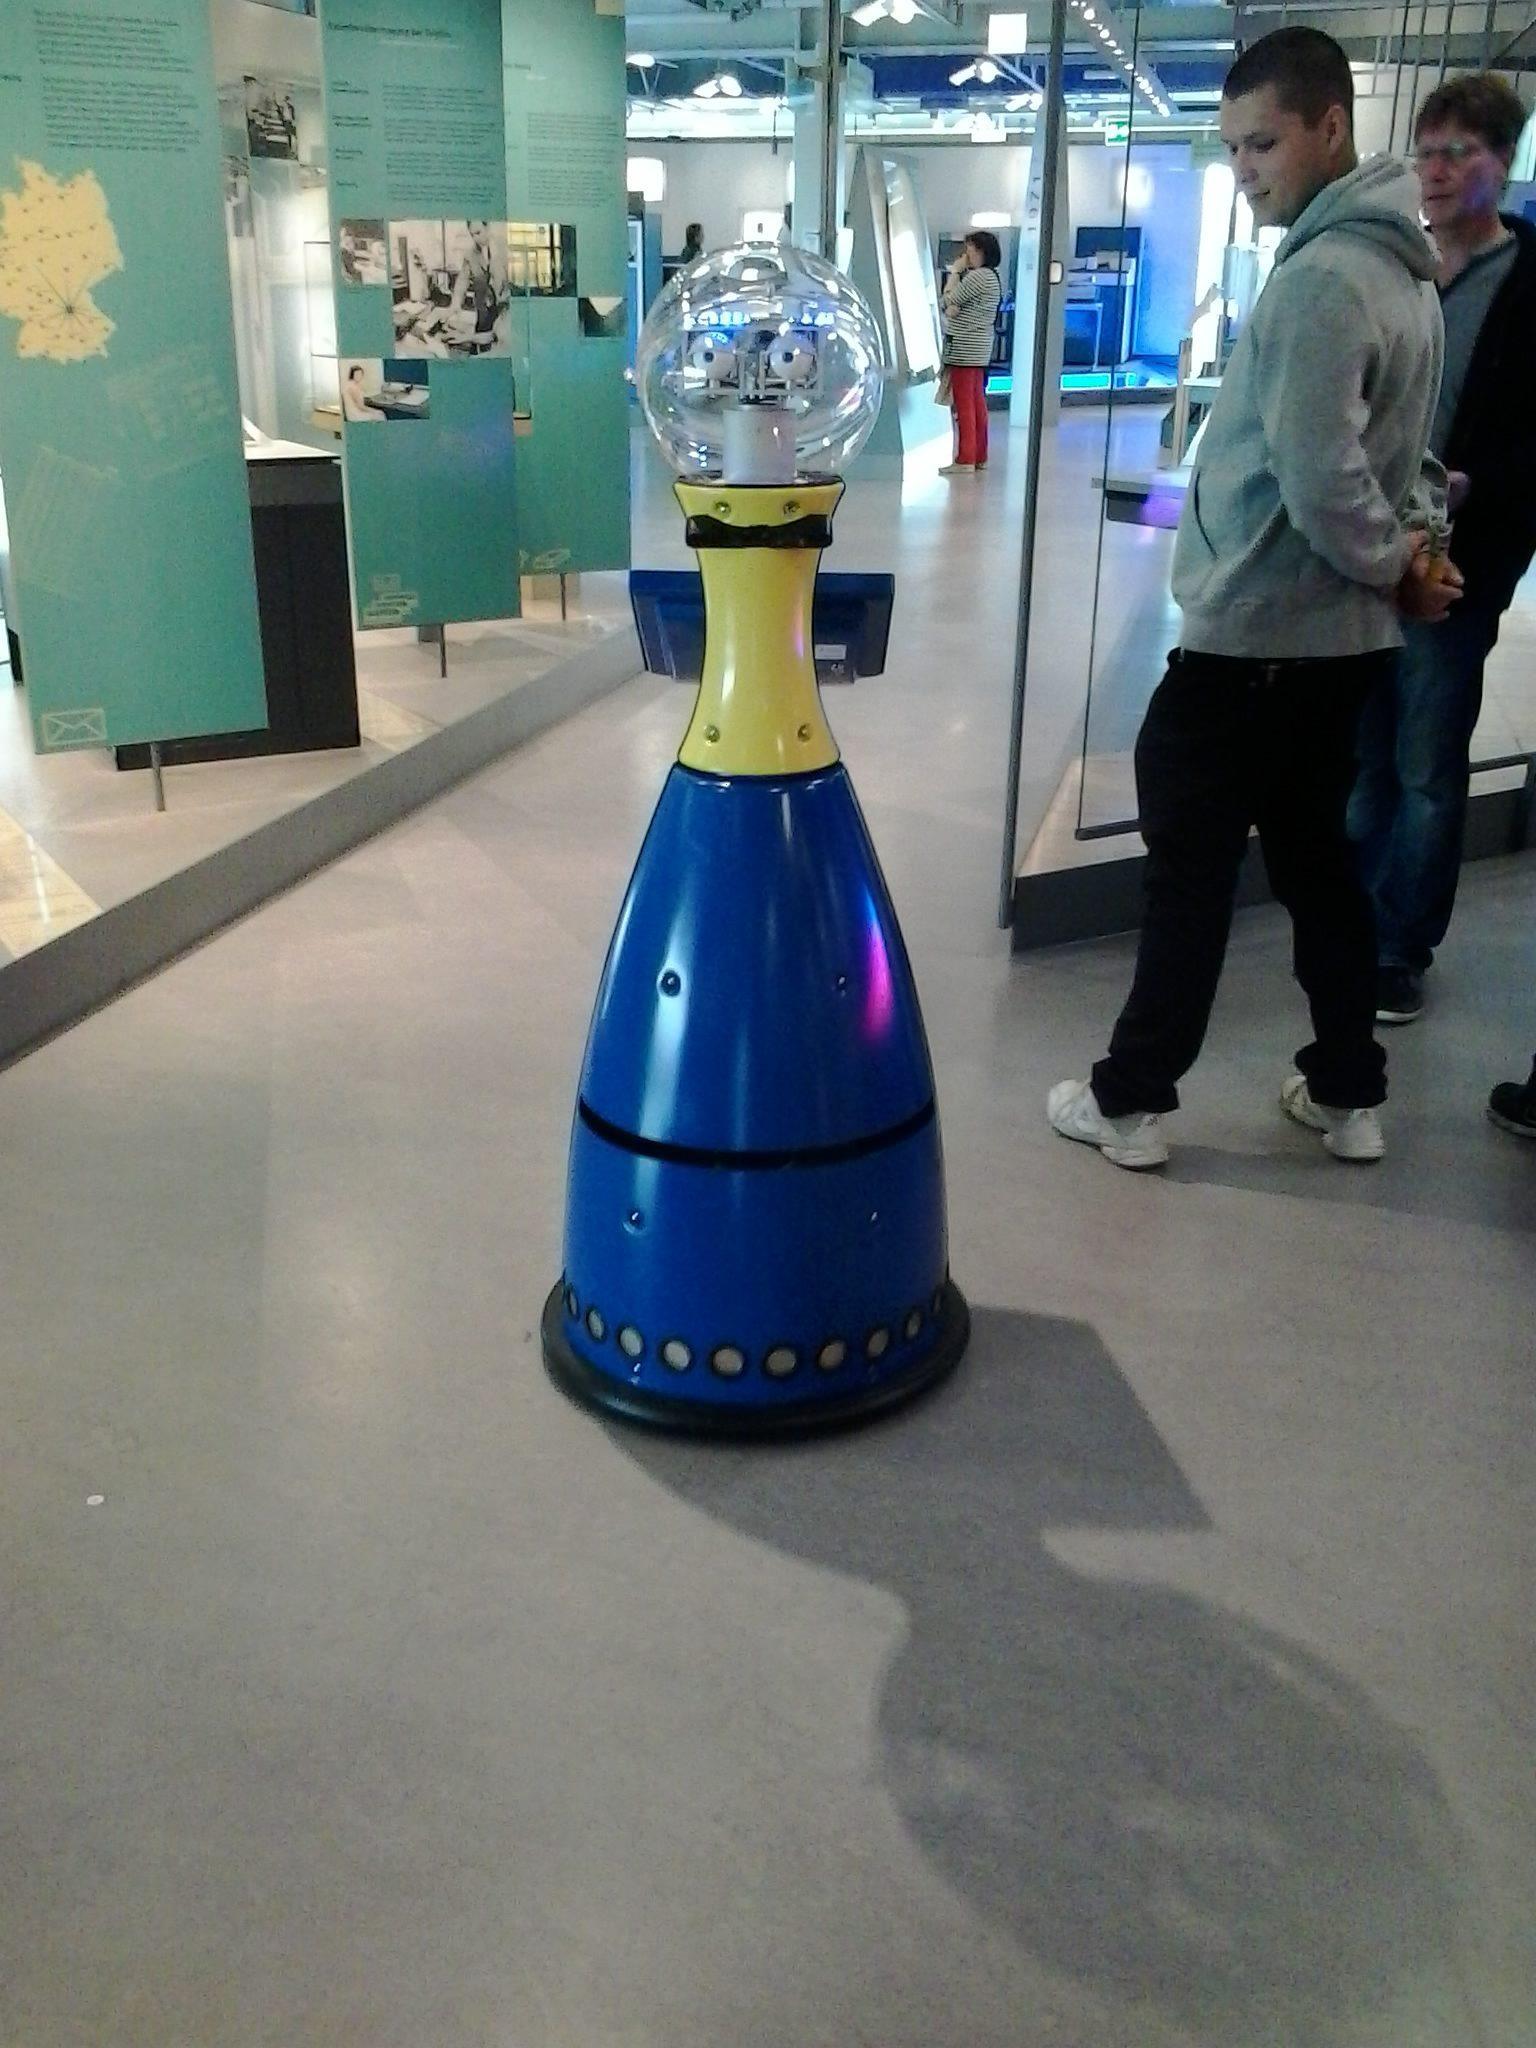 """Guide-Robot """"Petra"""" au Musée Nixdorf Paderborn en Allemagne (2014) est un exemple d'une application embarquée"""